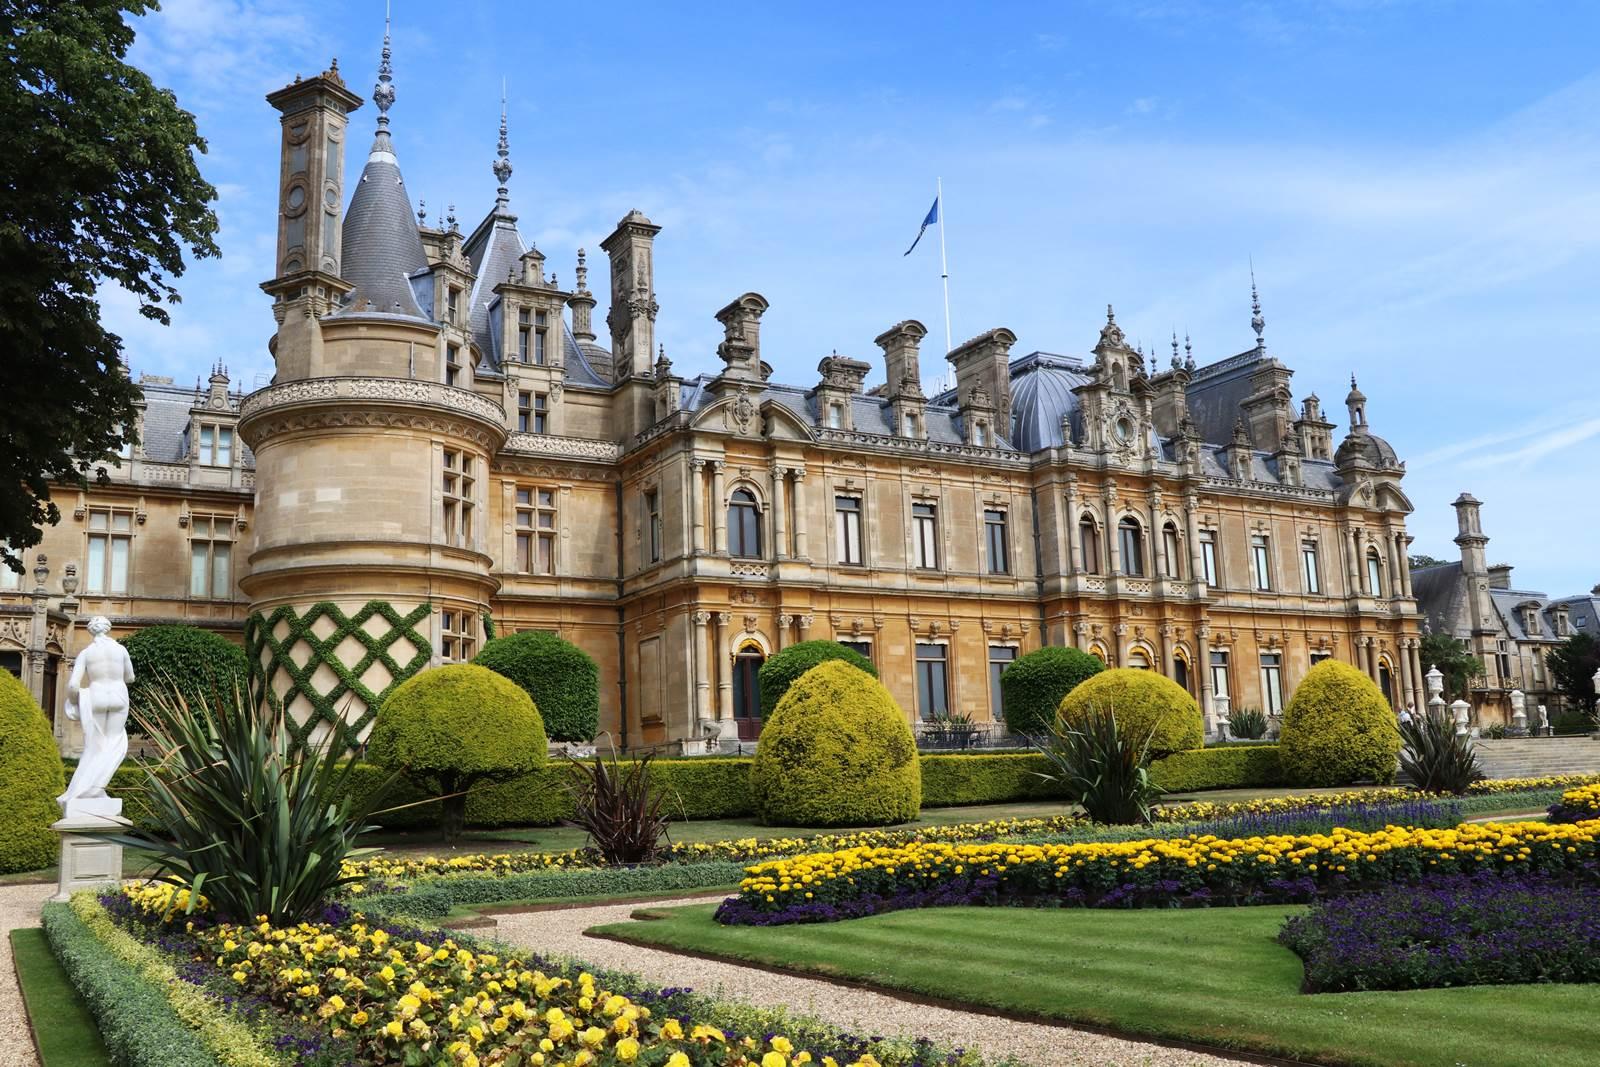 Waddesdon Manor jardin victorien